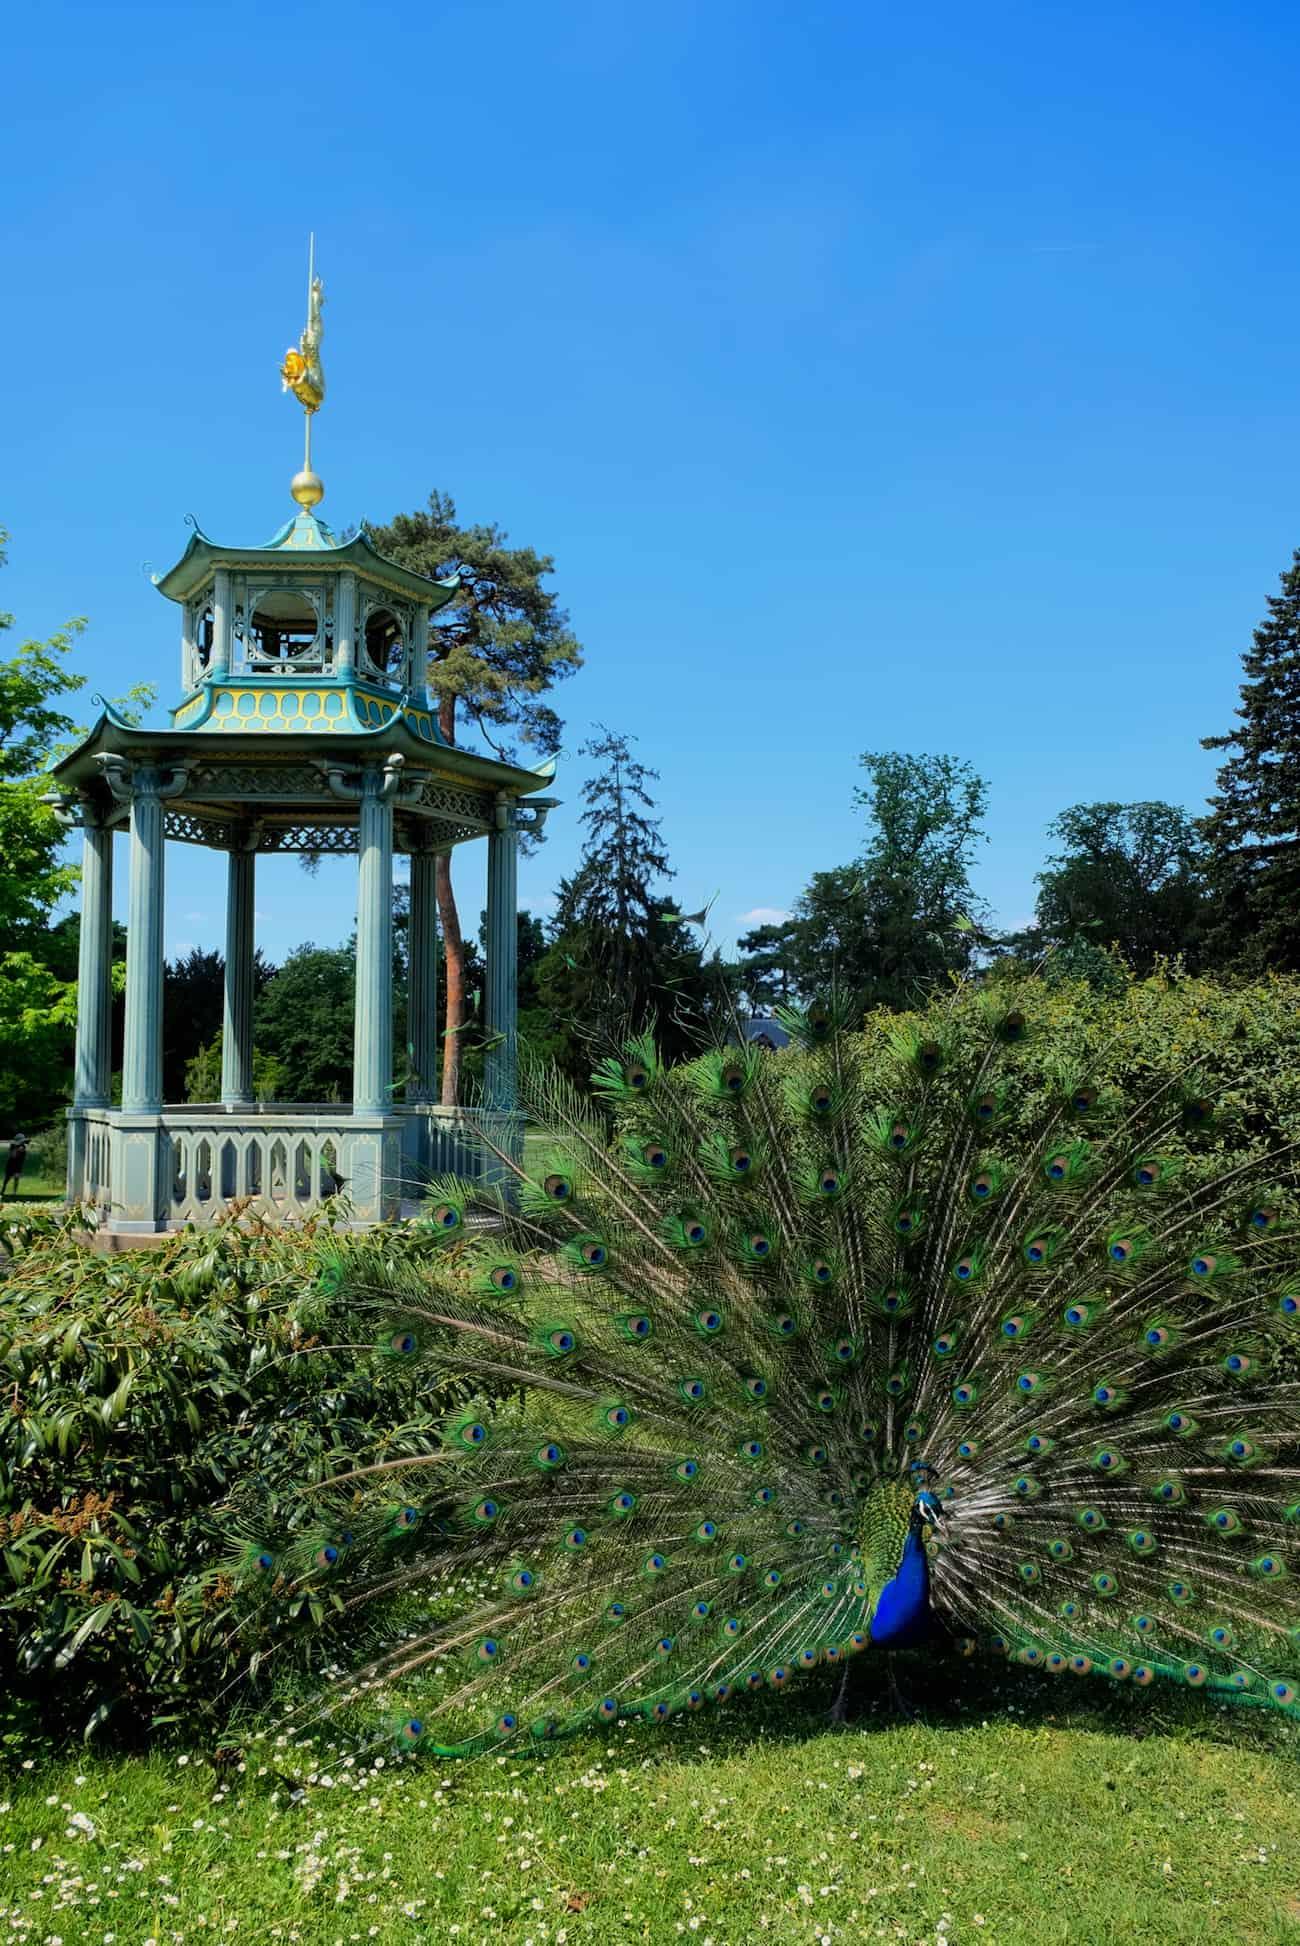 jardin-bagatelle-paris-16em-bois-de-boulogne-beau-jardin-parc